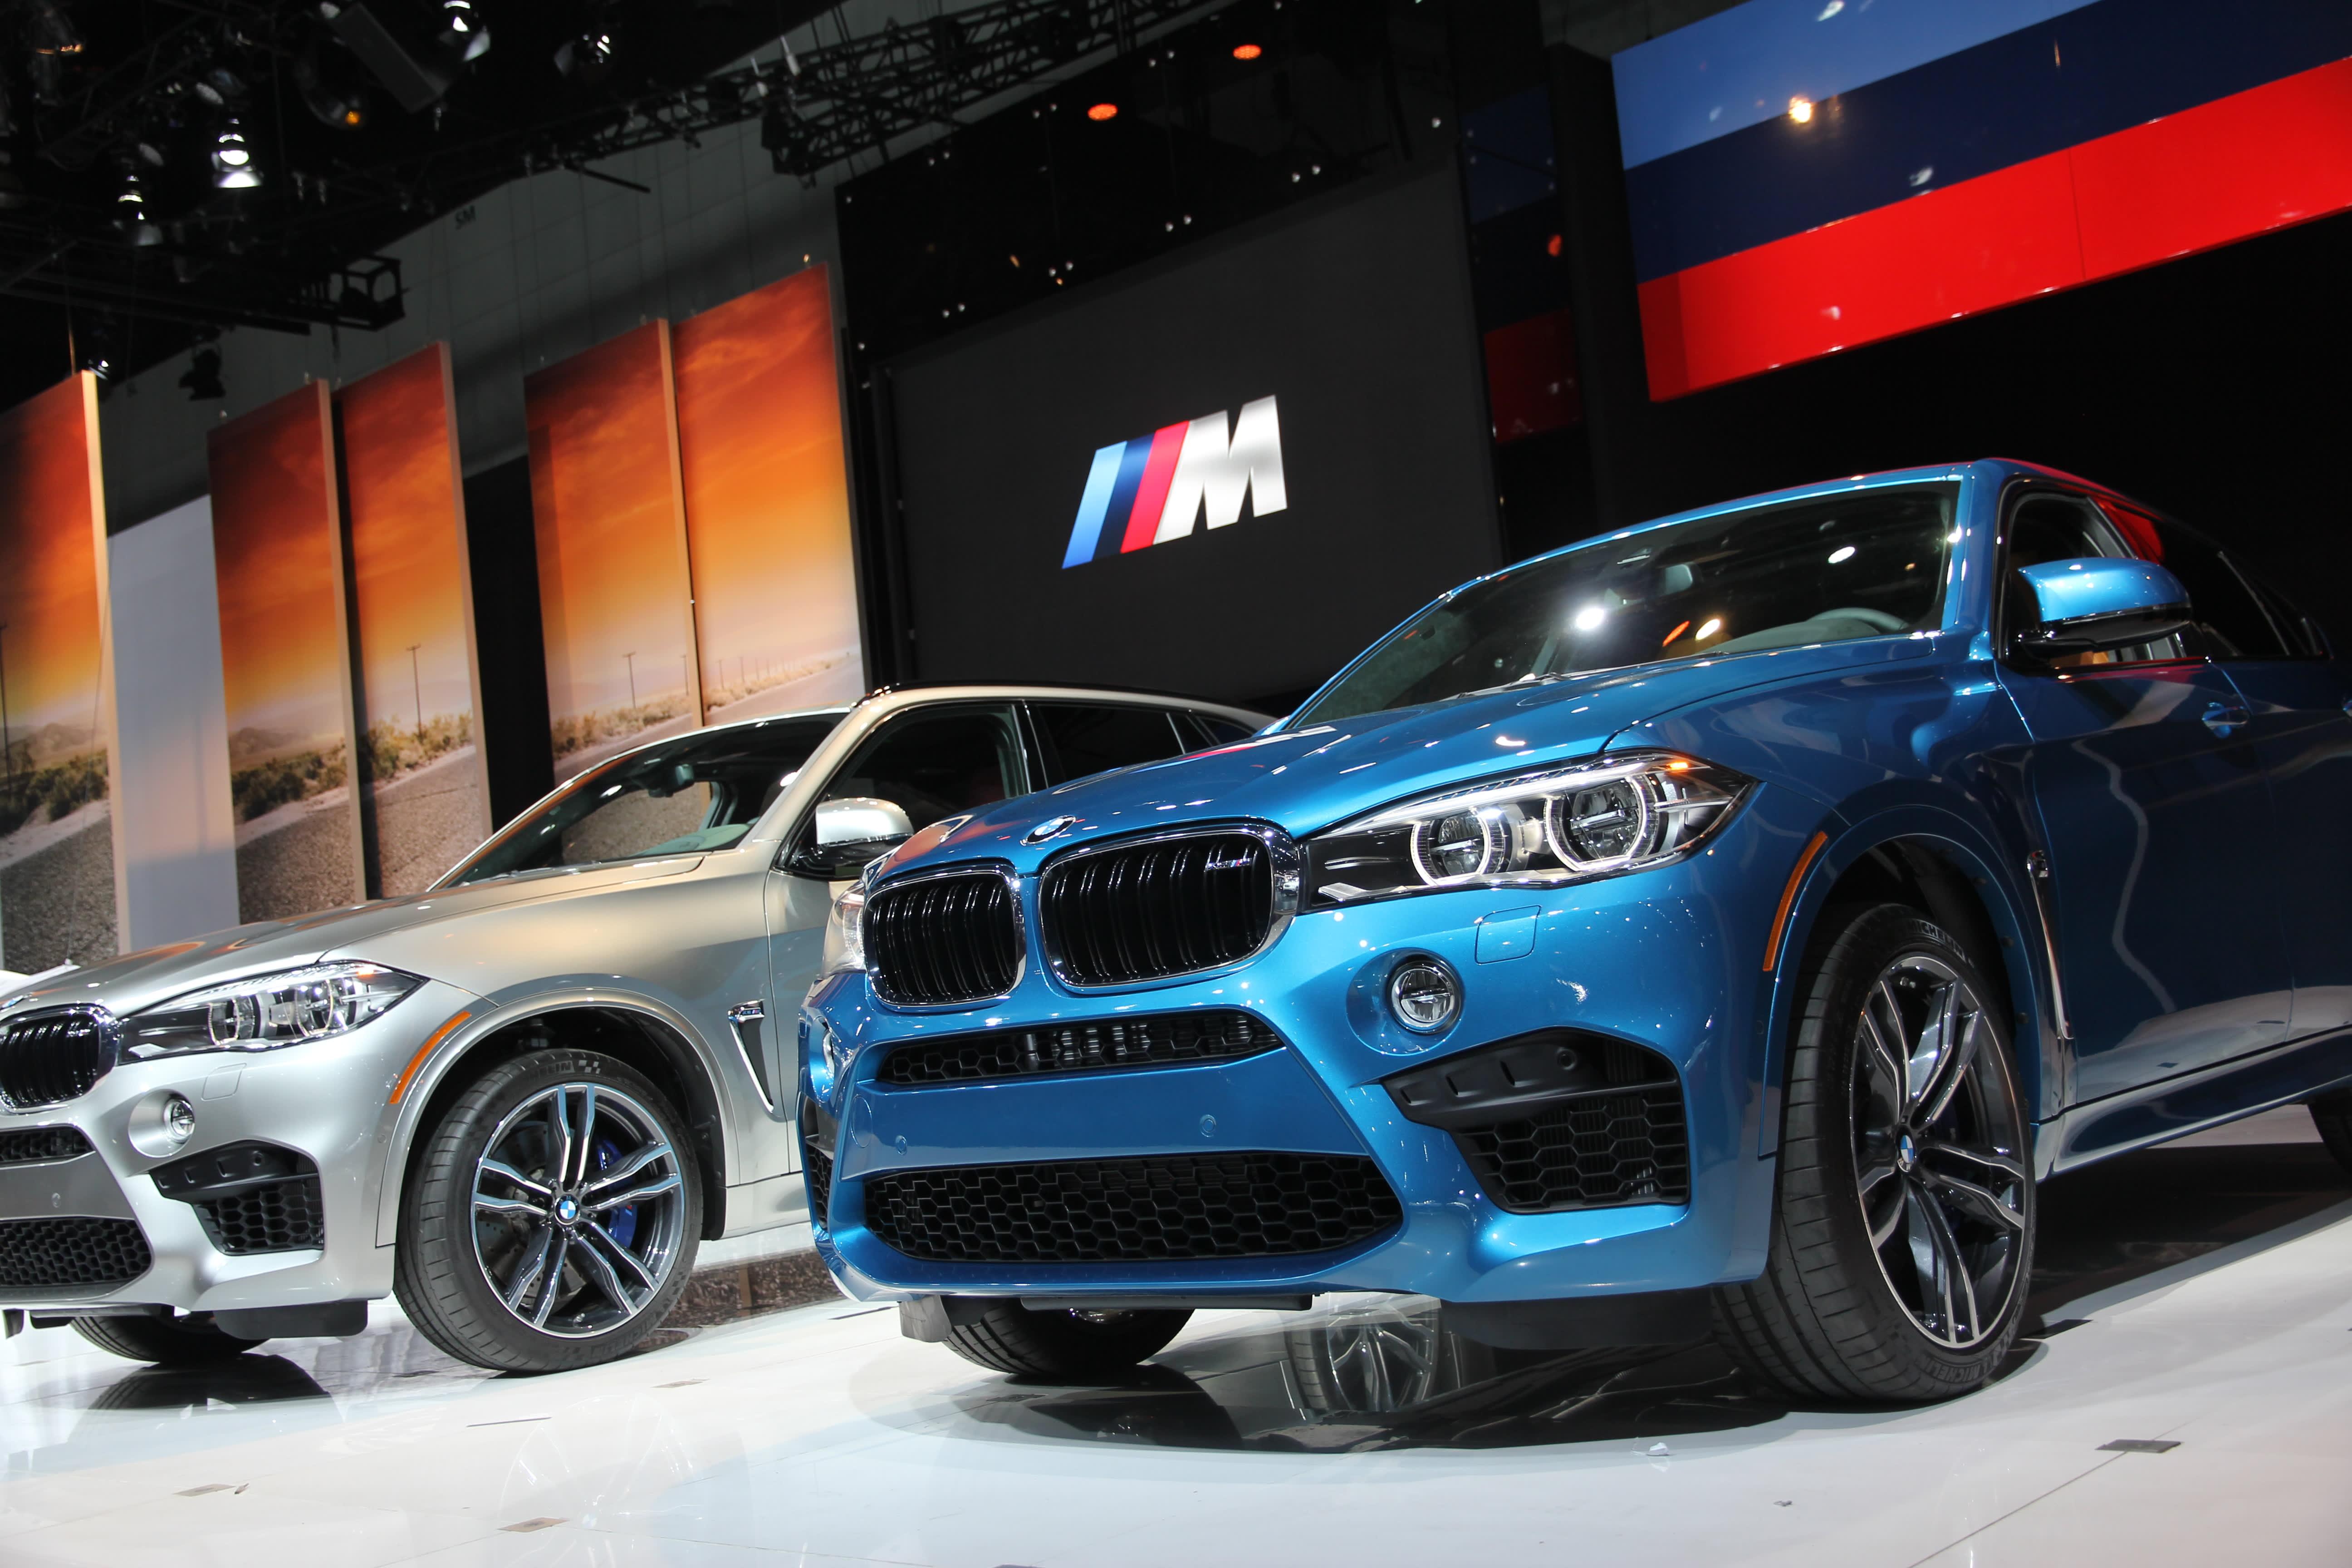 BMW recalling 136,000 US vehicles over fuel pump: Regulators